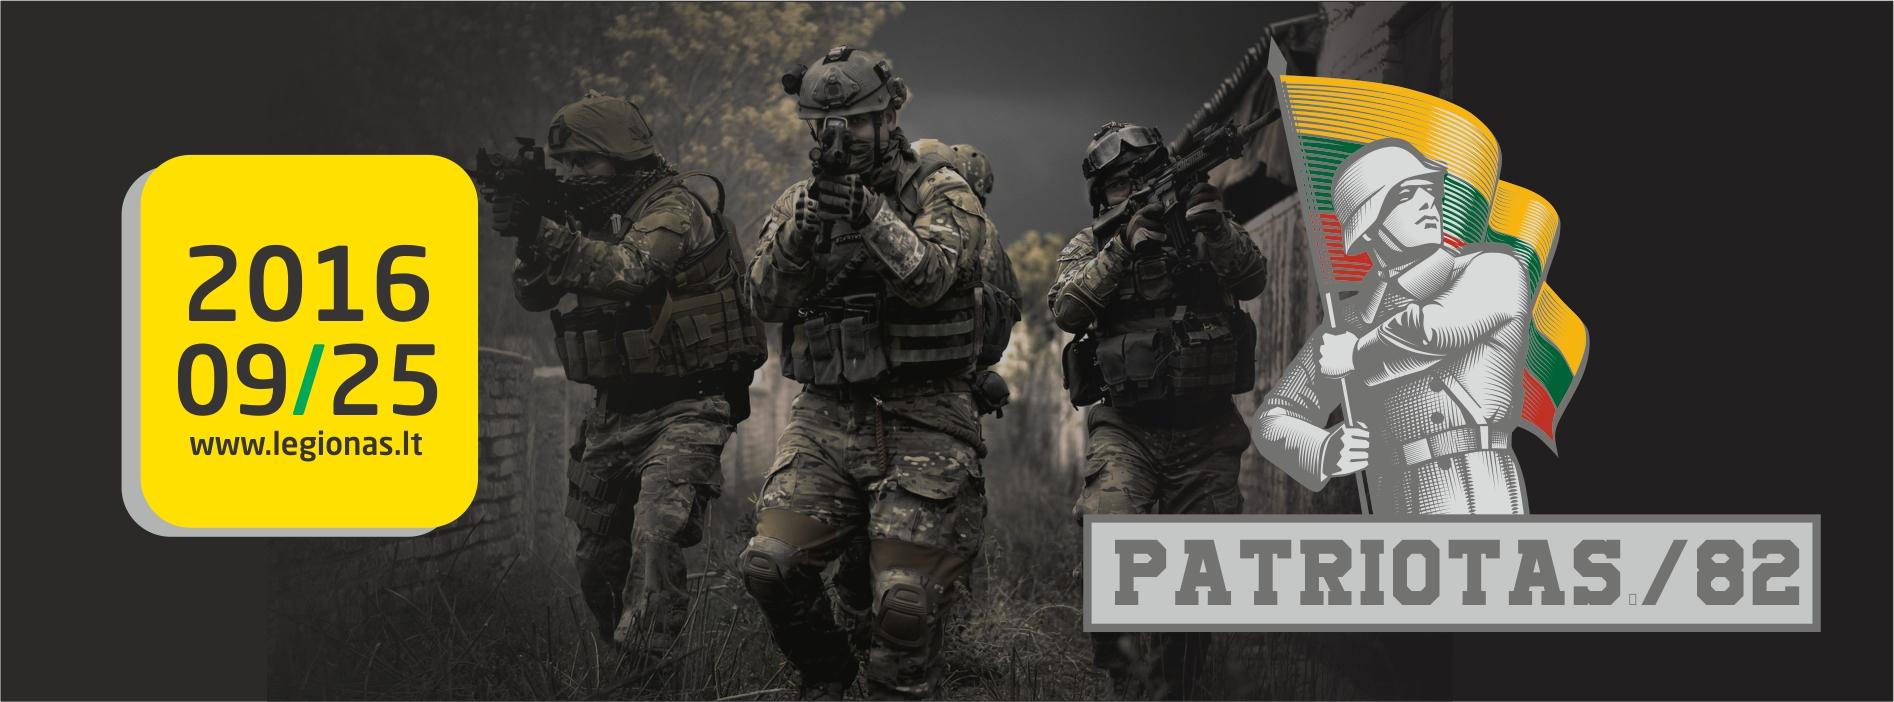 patriotas82